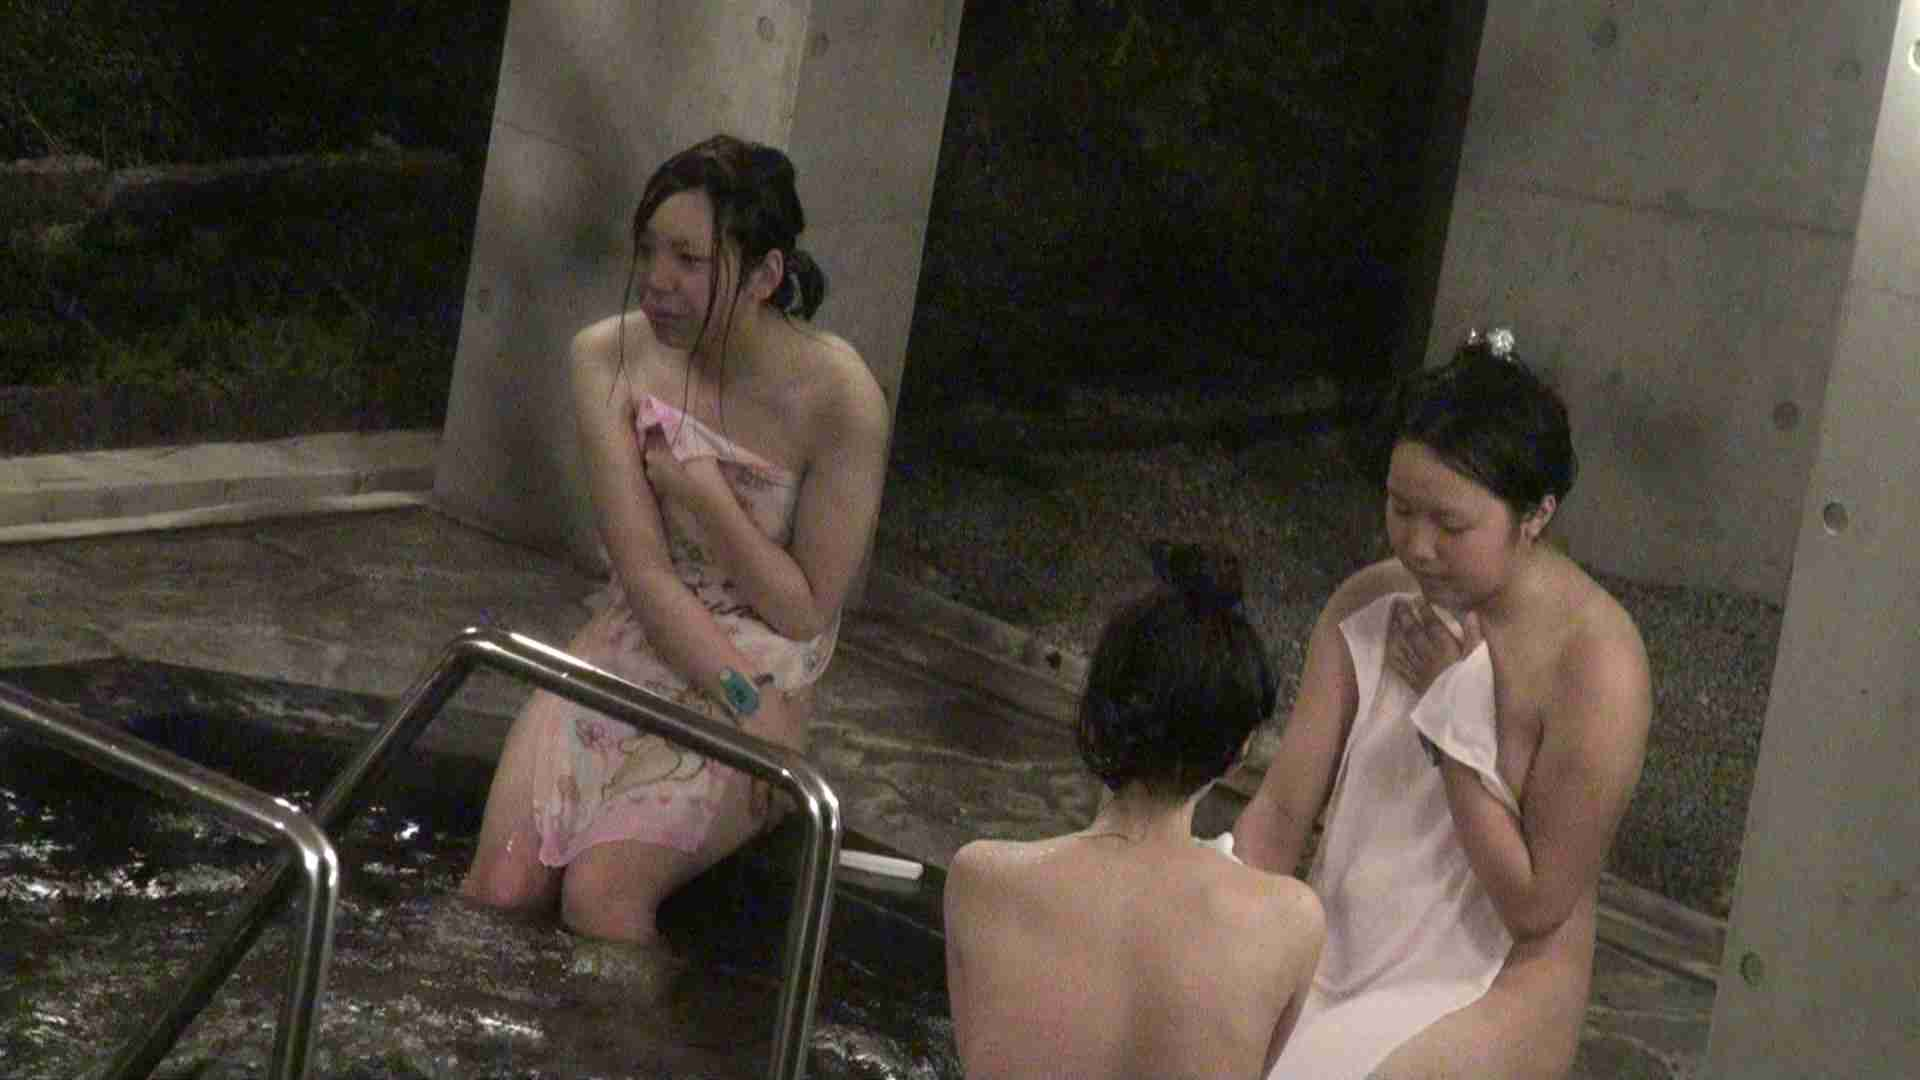 Aquaな露天風呂Vol.383 OLすけべ画像  16連発 9